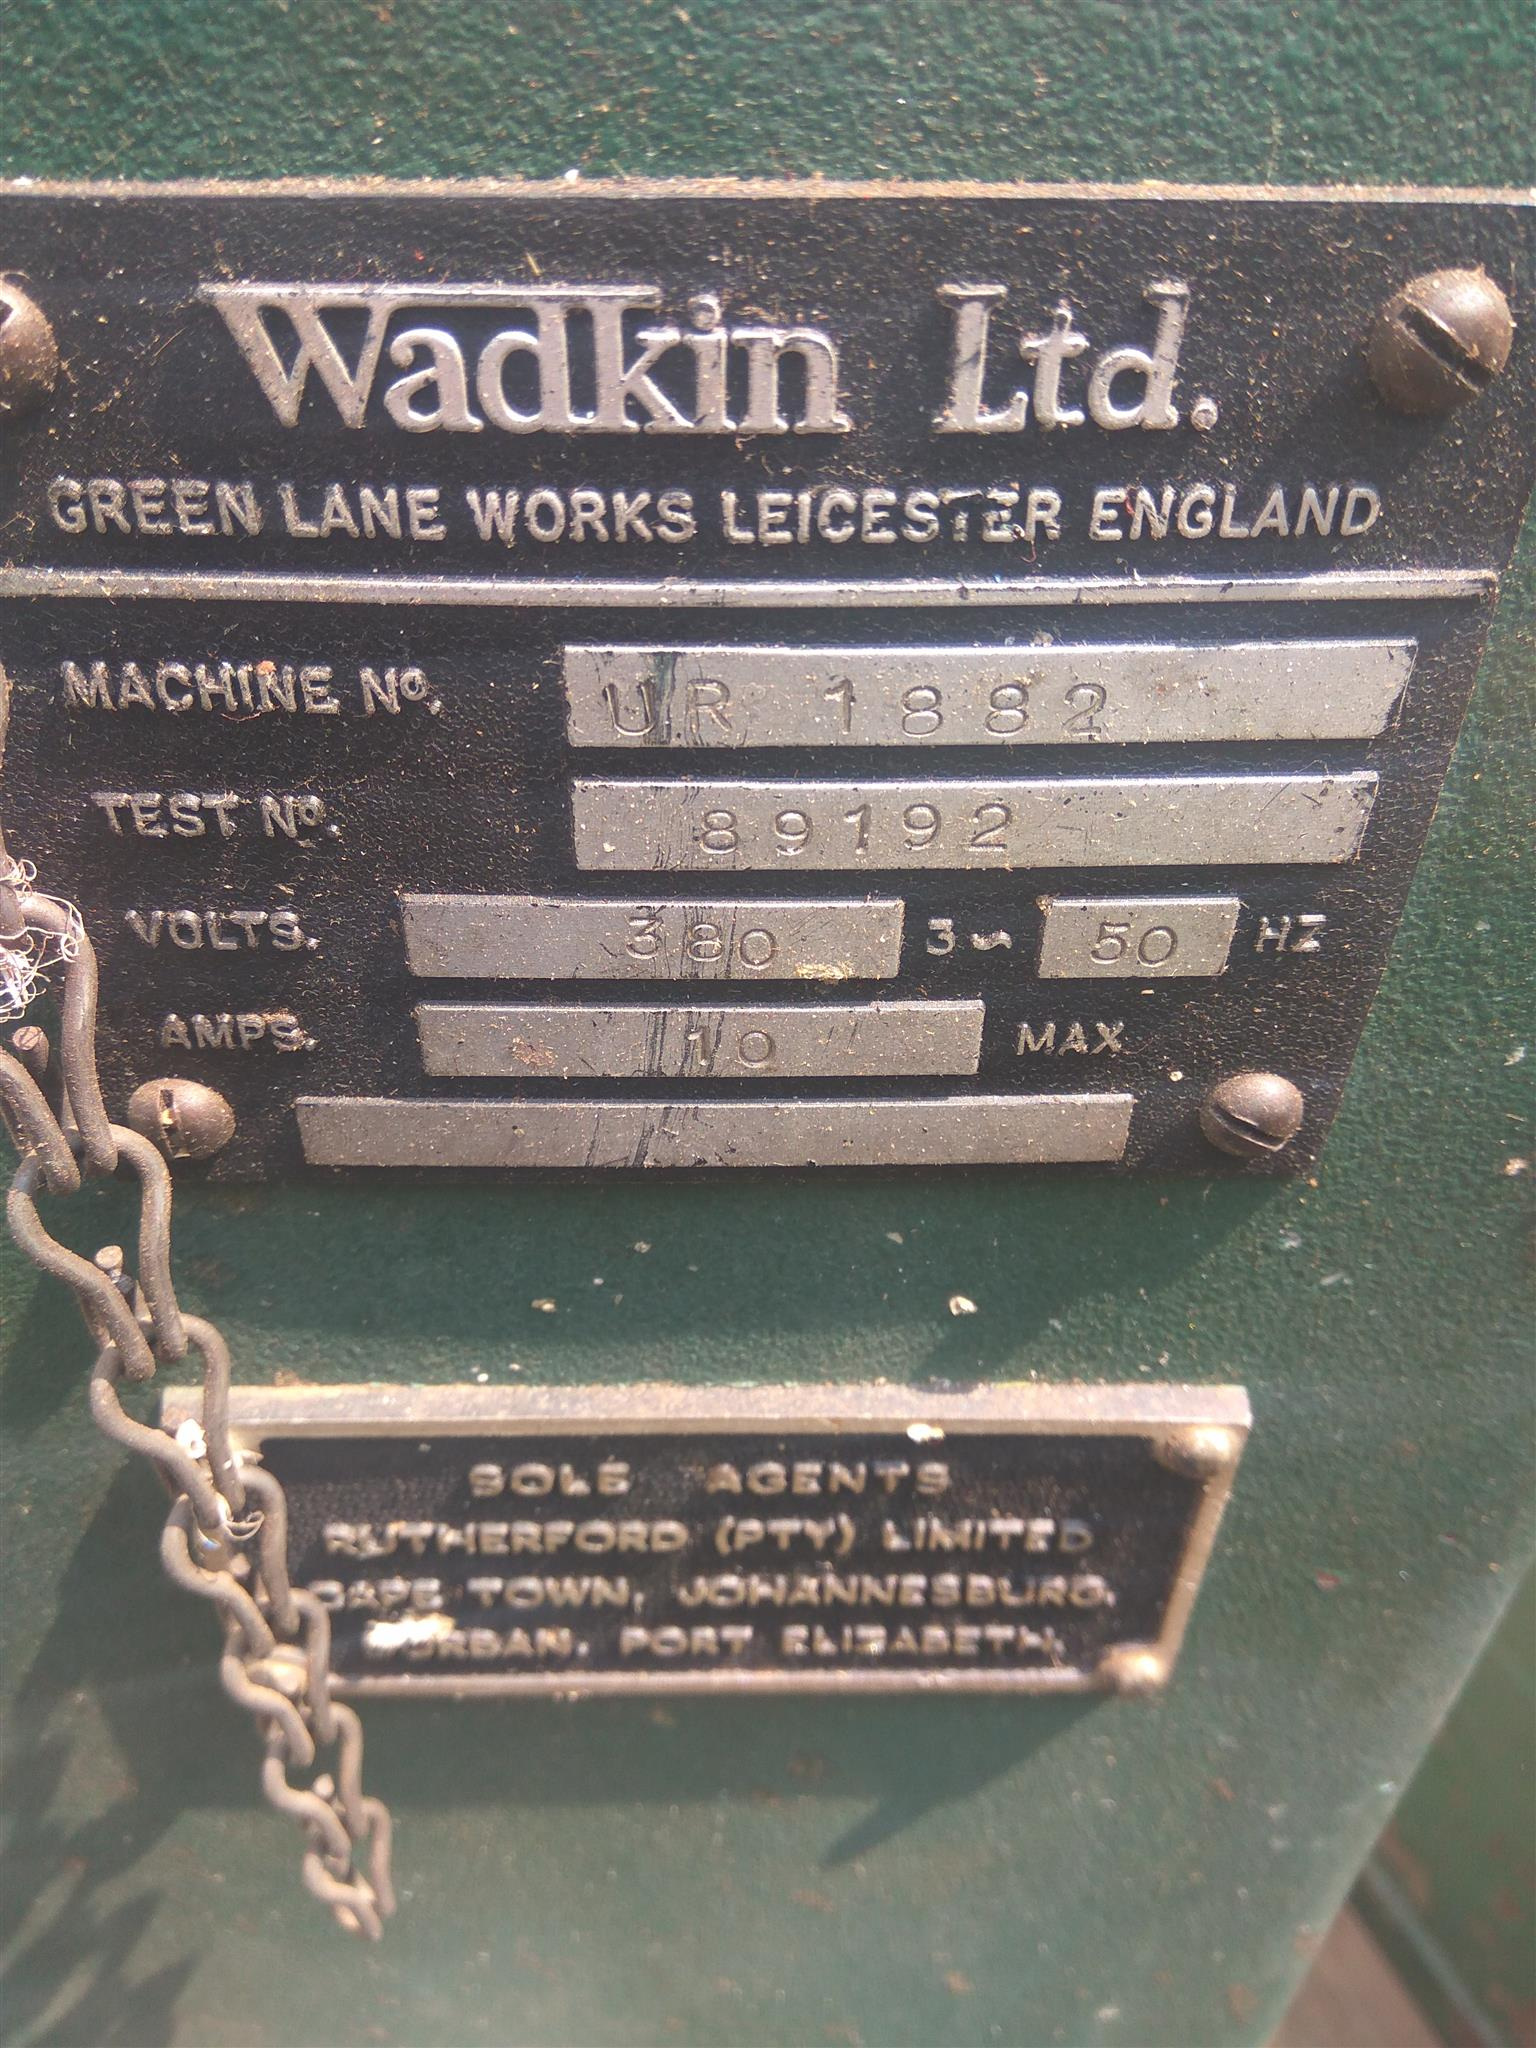 Wadkin overhead Routers for sale